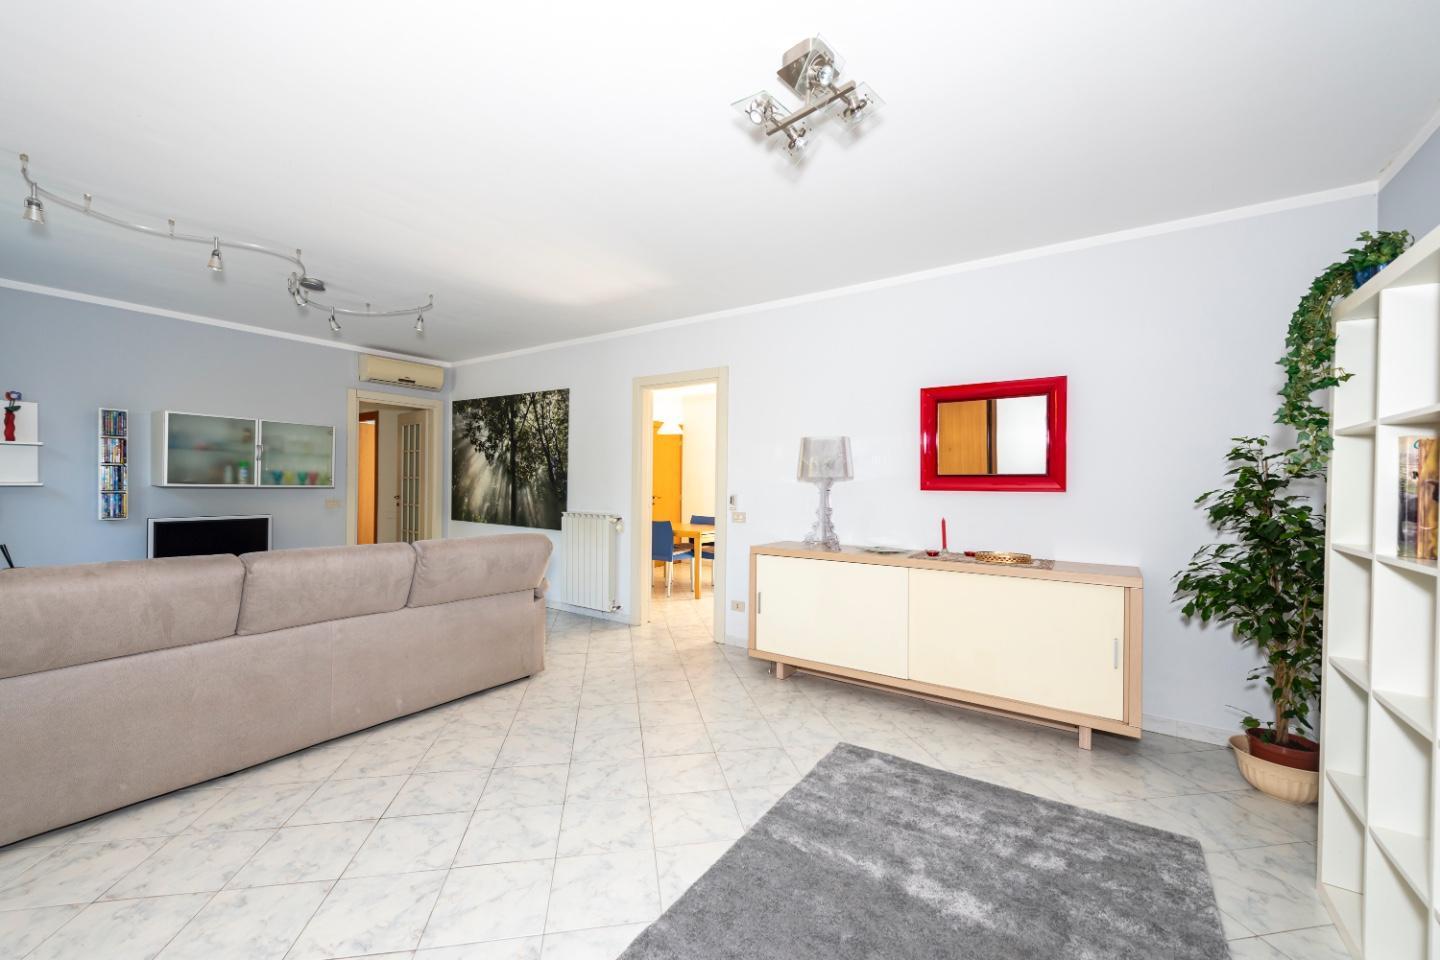 Appartamento in vendita a Bientina, 6 locali, prezzo € 219.000 | PortaleAgenzieImmobiliari.it